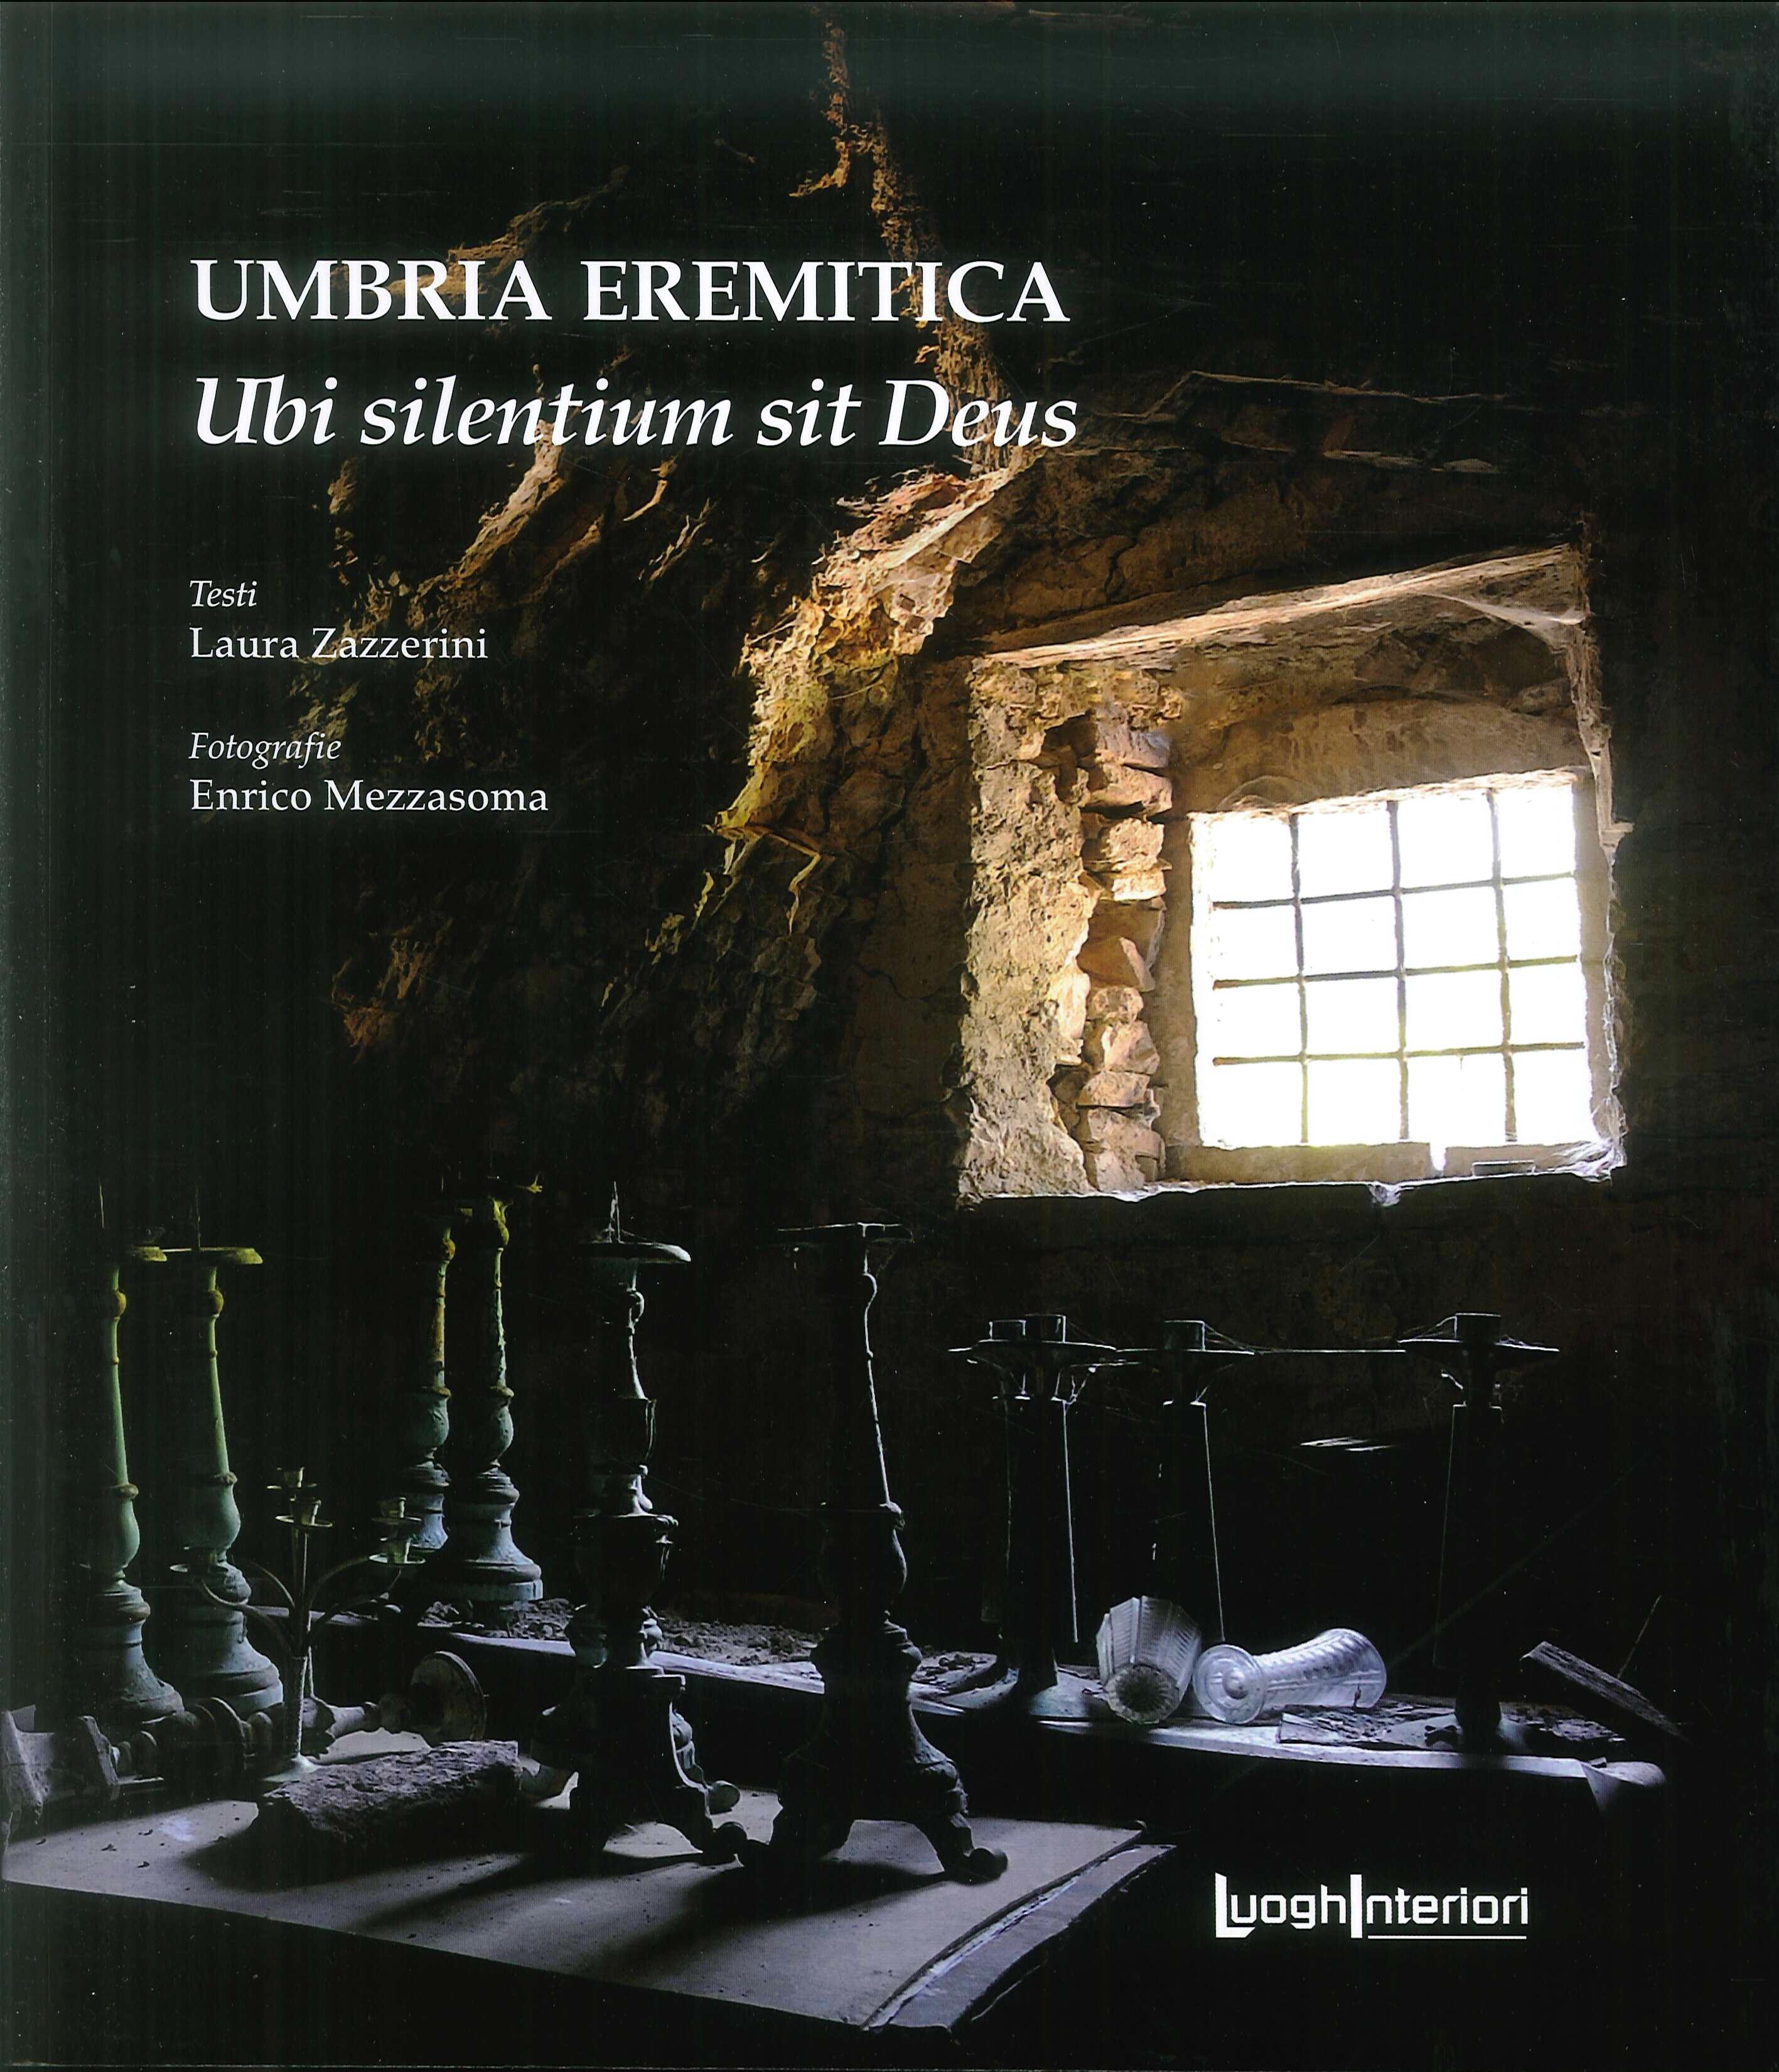 Umbria eremitica. Ubi silentium sit Deus - Laura Zazzerini